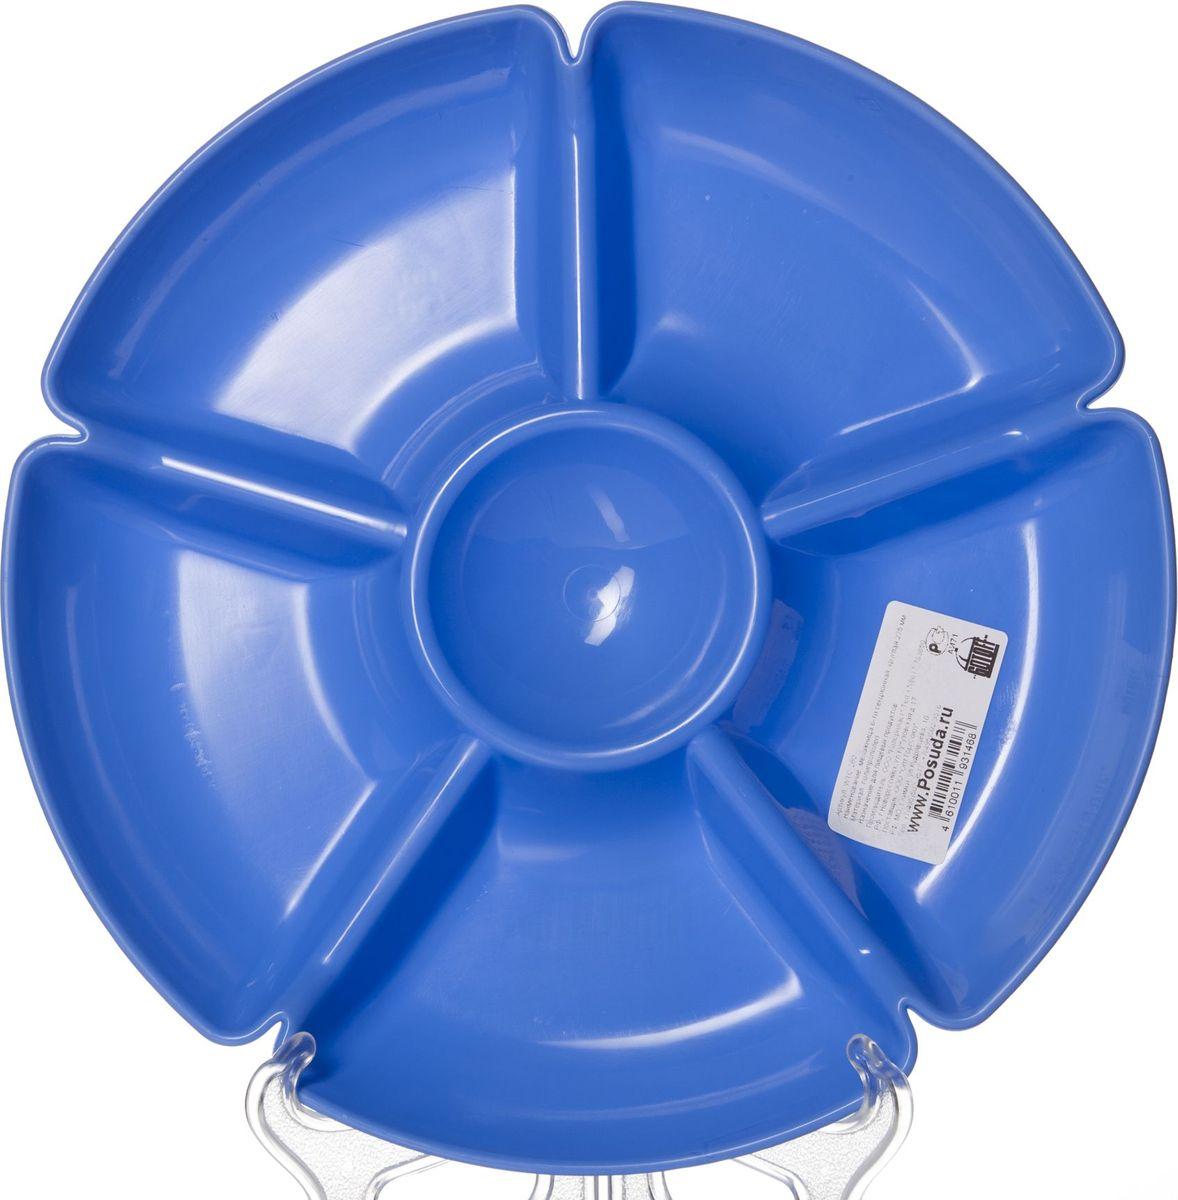 Менажница Gotoff, 6 секций, диаметр 27,5 см. WTC-280WTC-280Менажница 6-и секционная круглая 275 мм